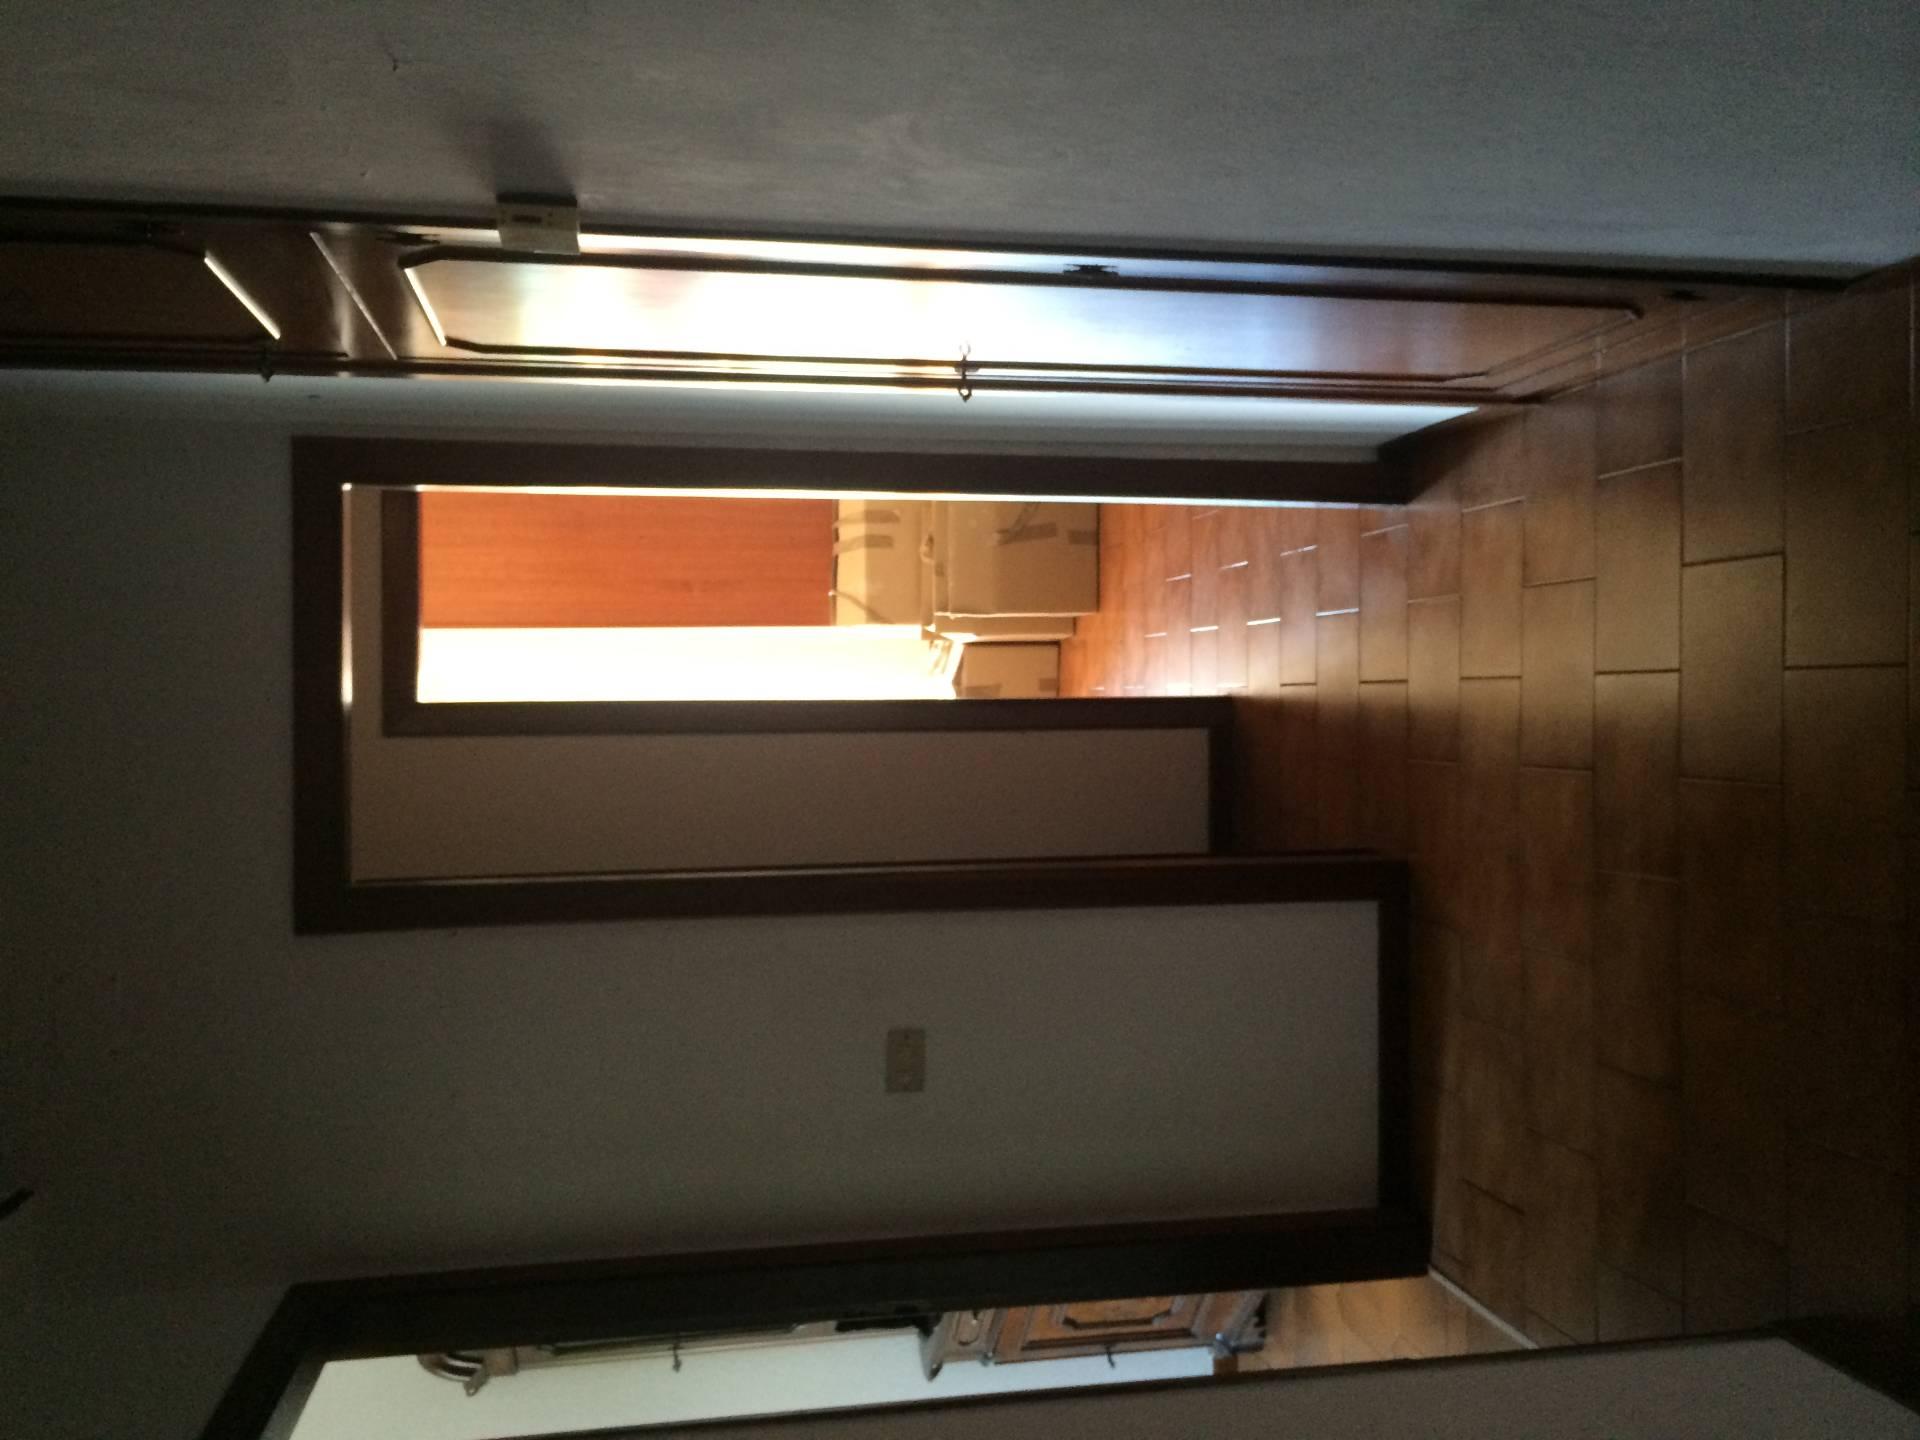 Appartamento in vendita a Camaiore, 4 locali, zona Località: LidodiCamaiore, prezzo € 260.000 | Cambio Casa.it